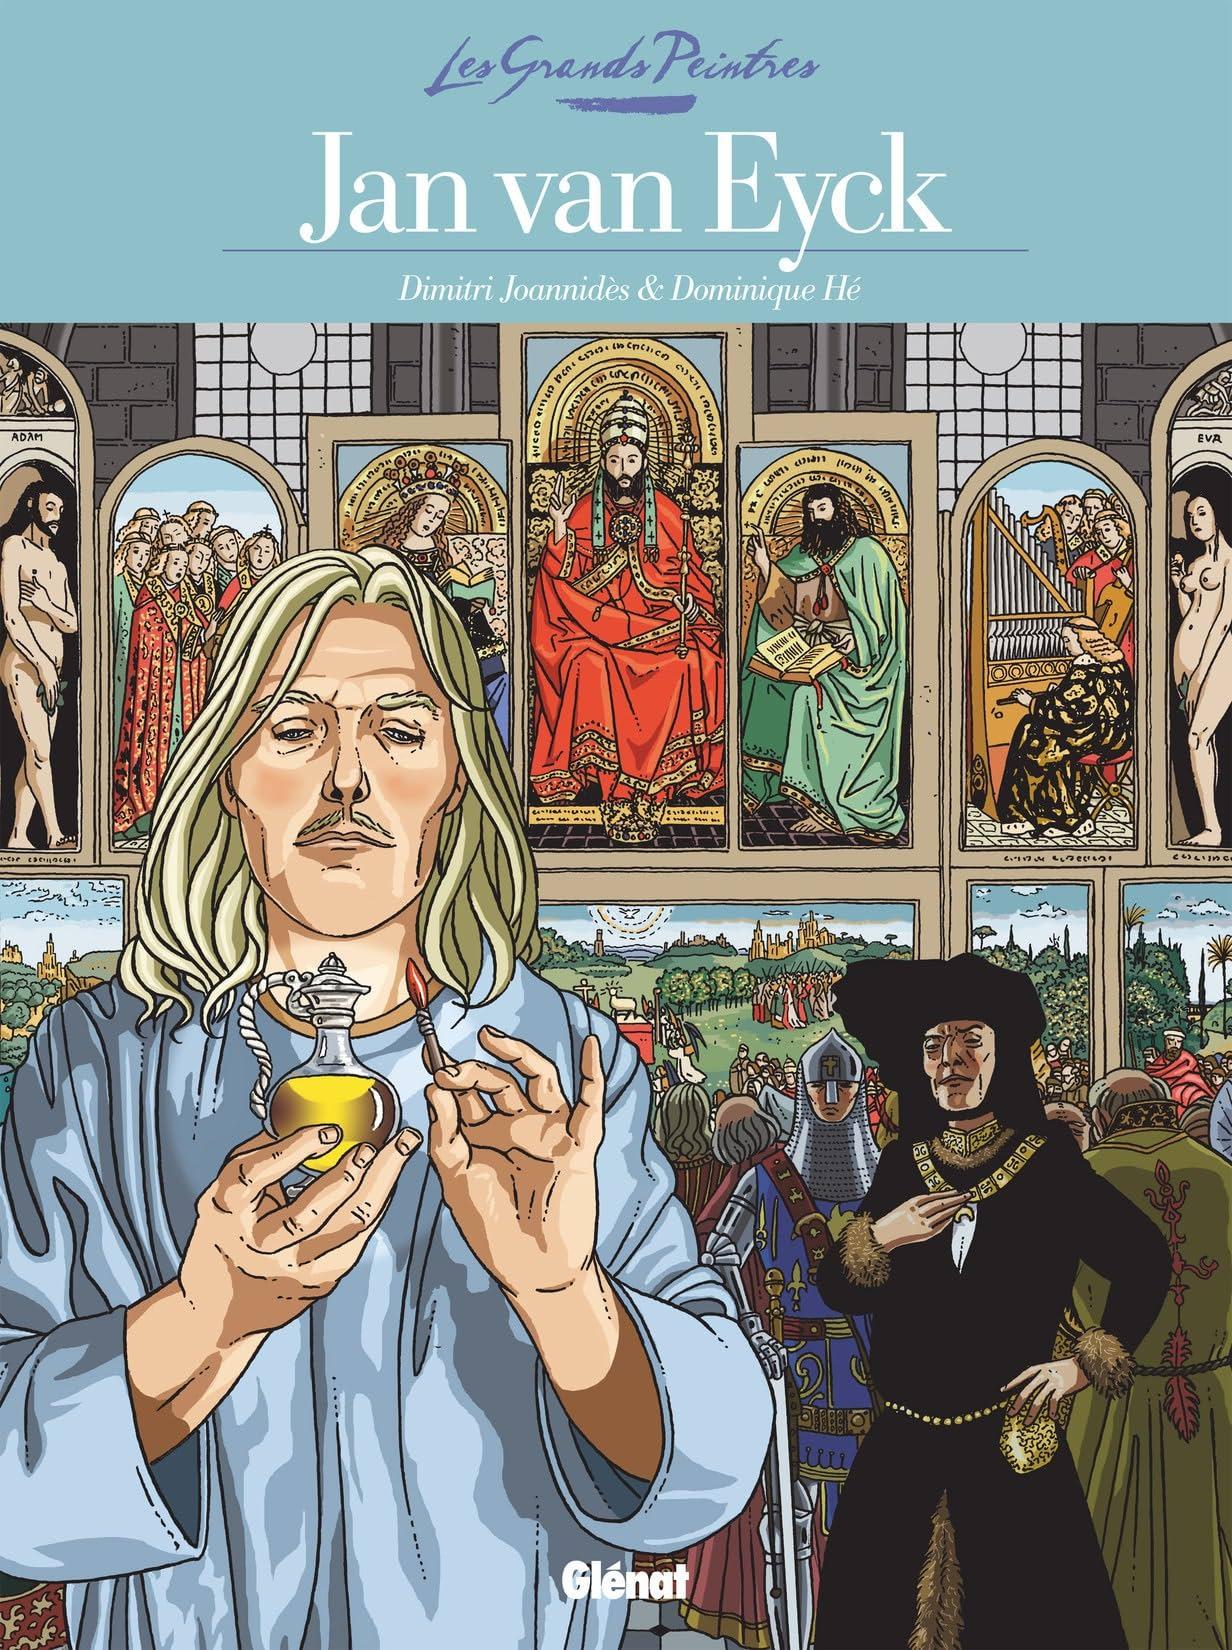 Jan van Eyck: Panneaux pour la baraque de la Goulue